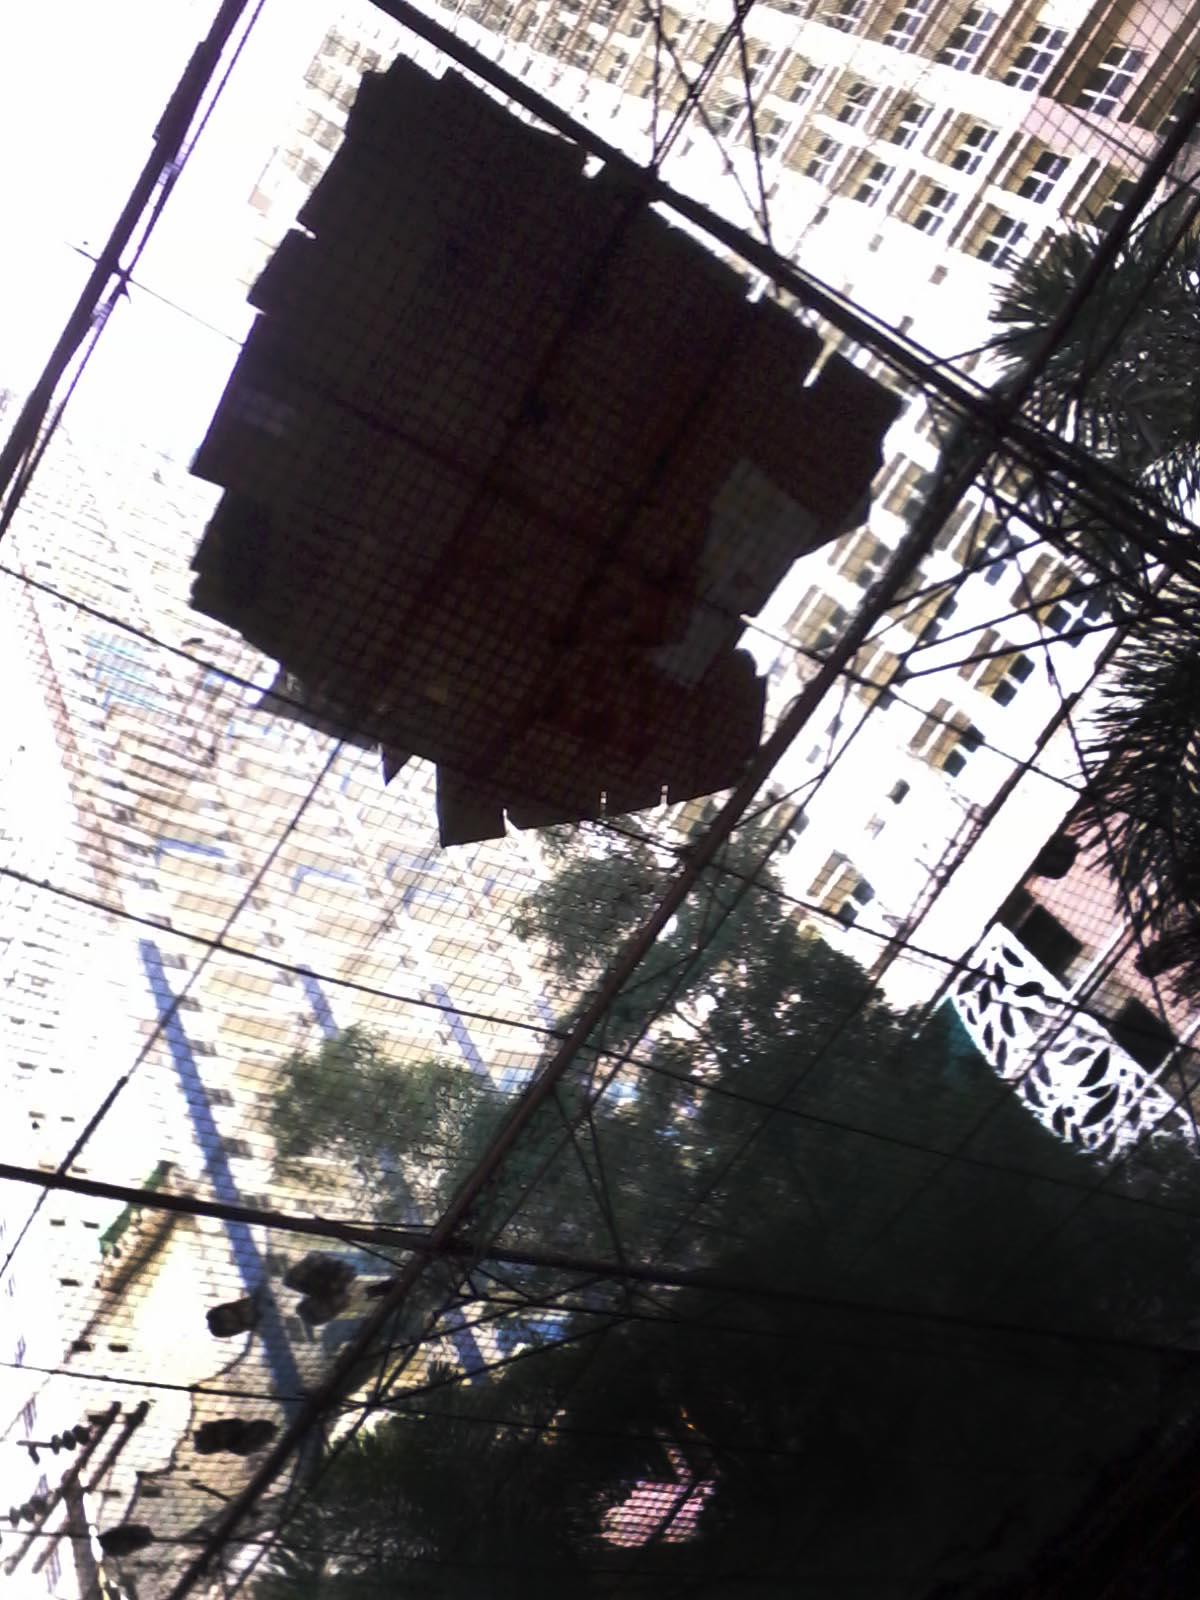 EDSA street people